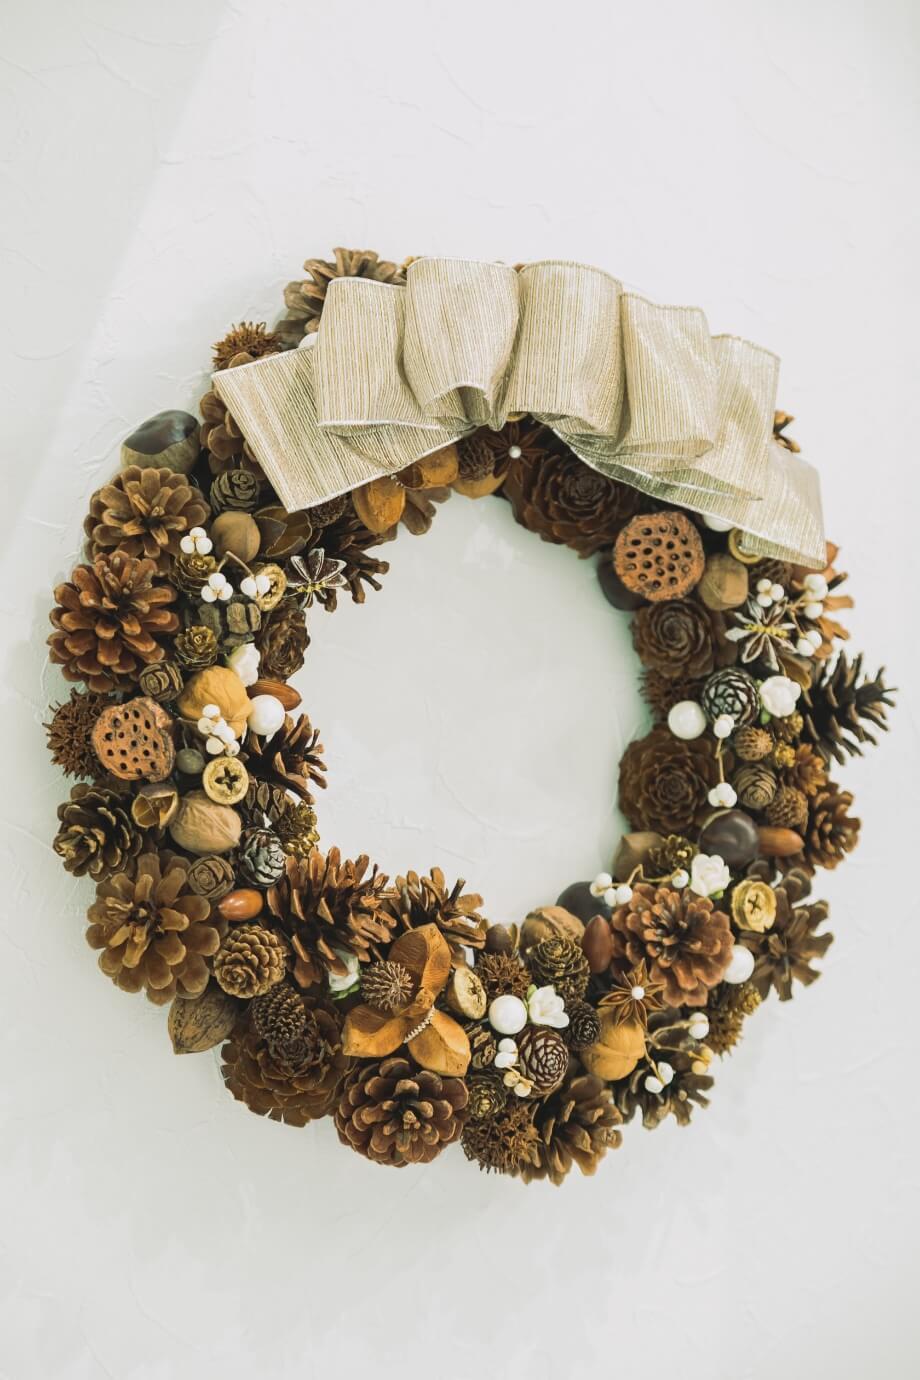 ドイツ語でtrocken(トロッケン)とはドライ、kranz(クランツ)とはリースという意味。 かわいい木の実を集めて作るリース